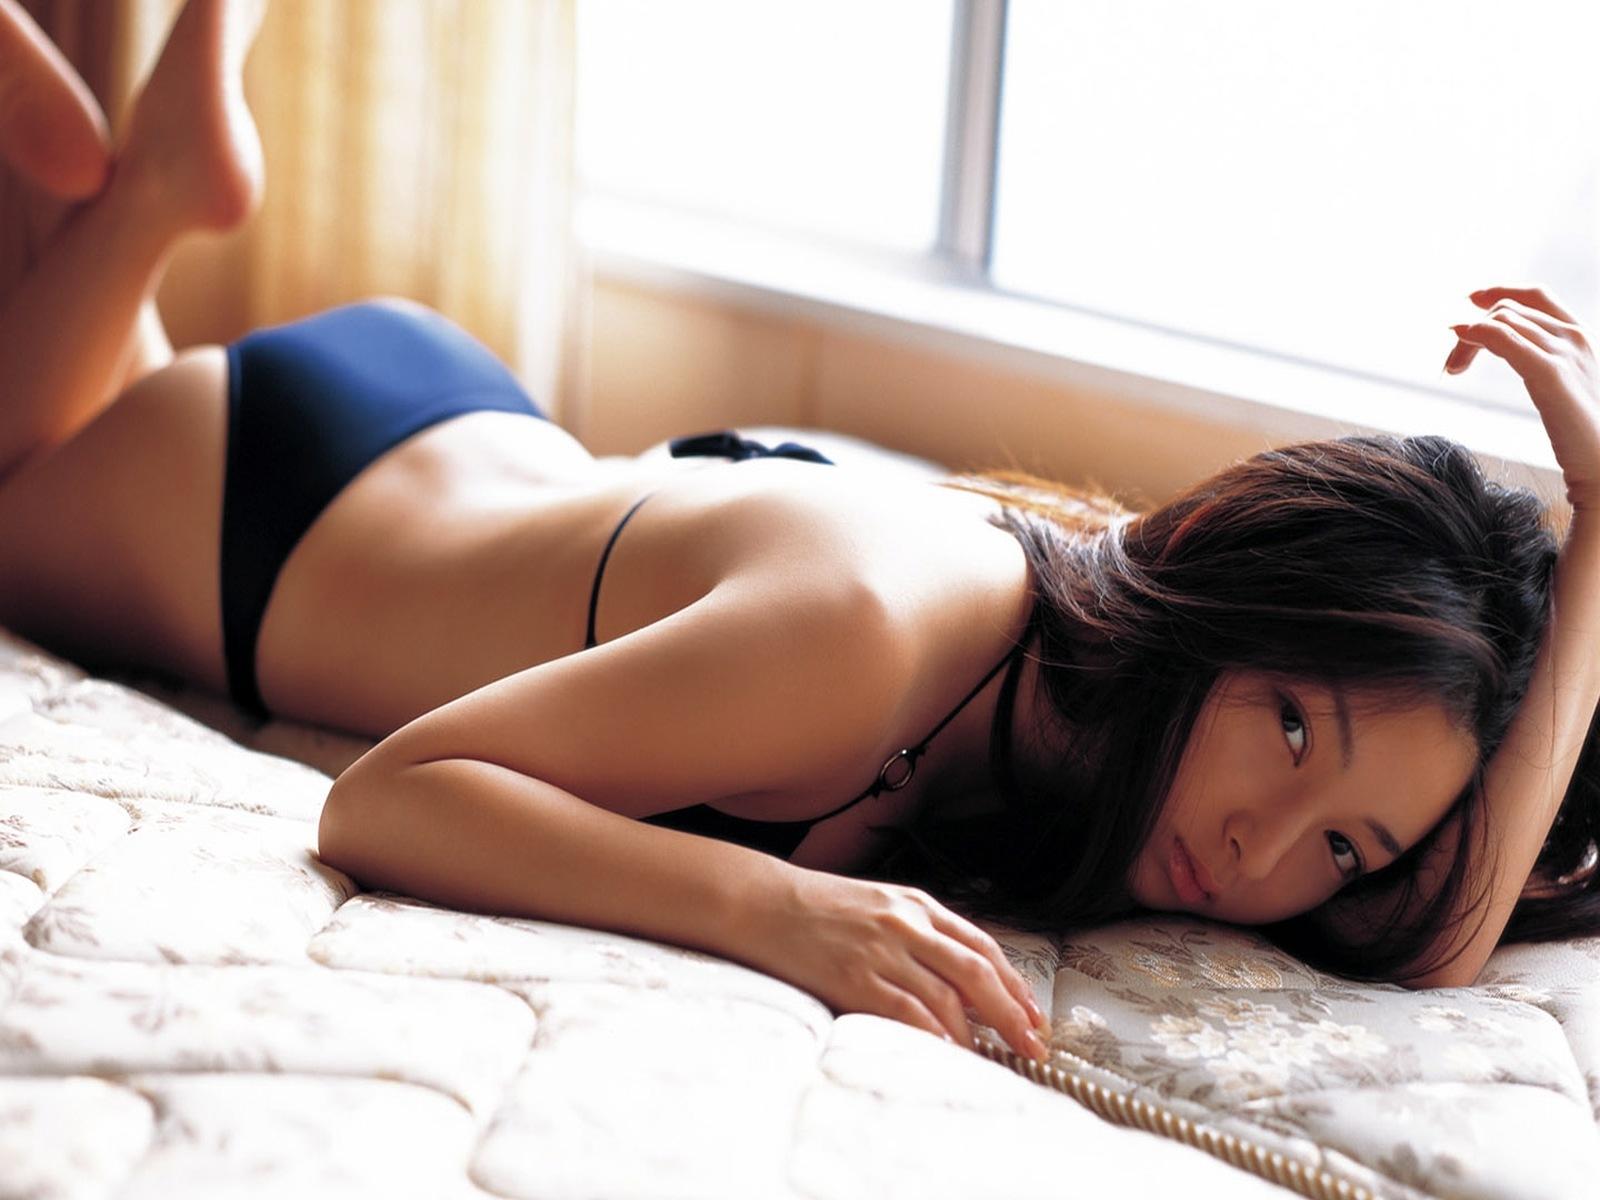 Sexy naughty asian girls